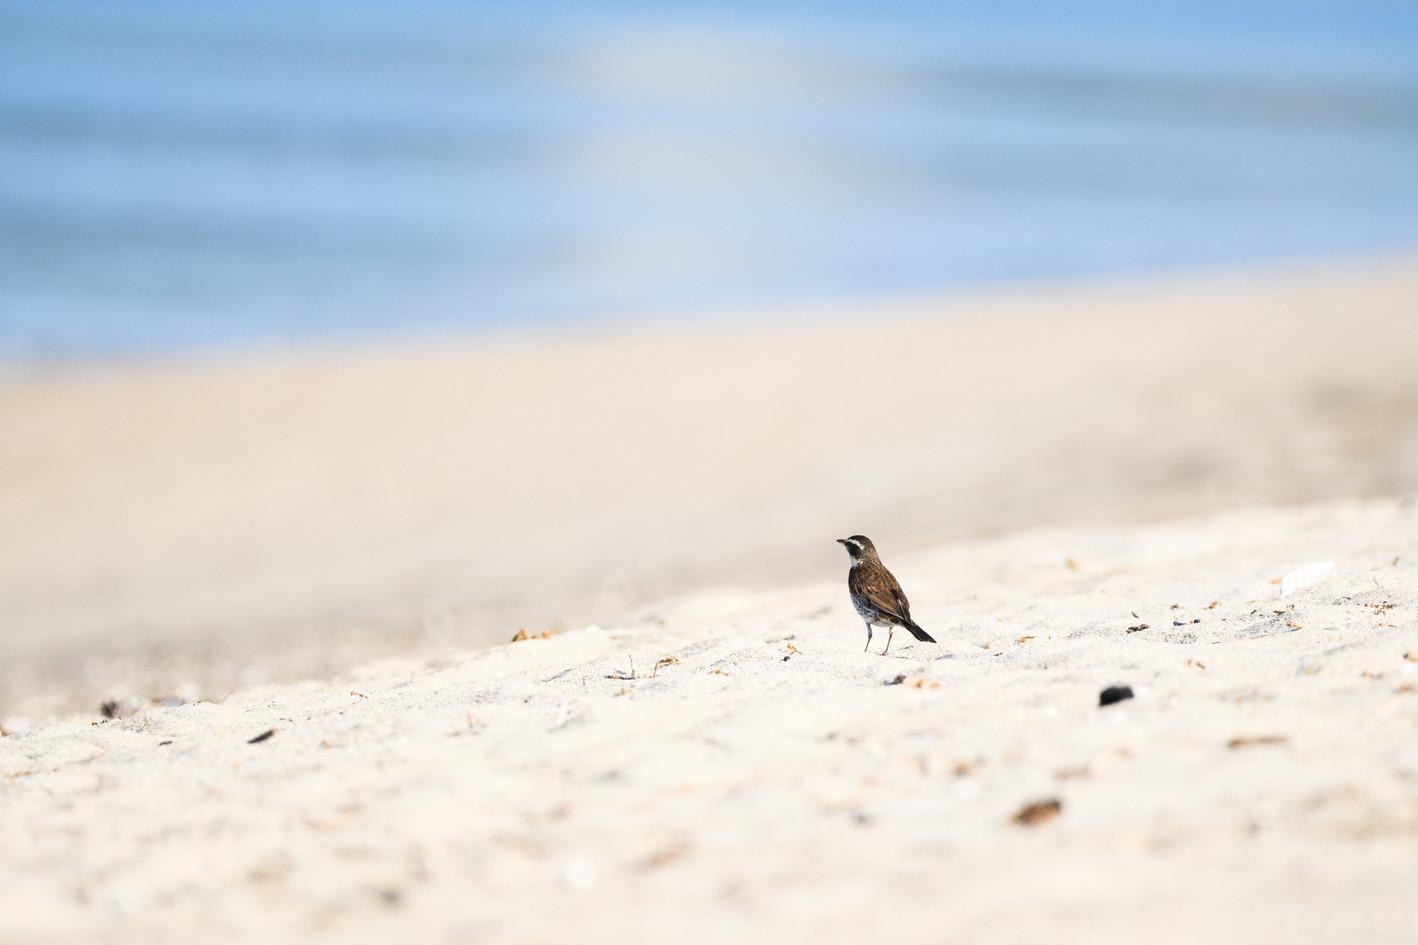 Thrush on Beach